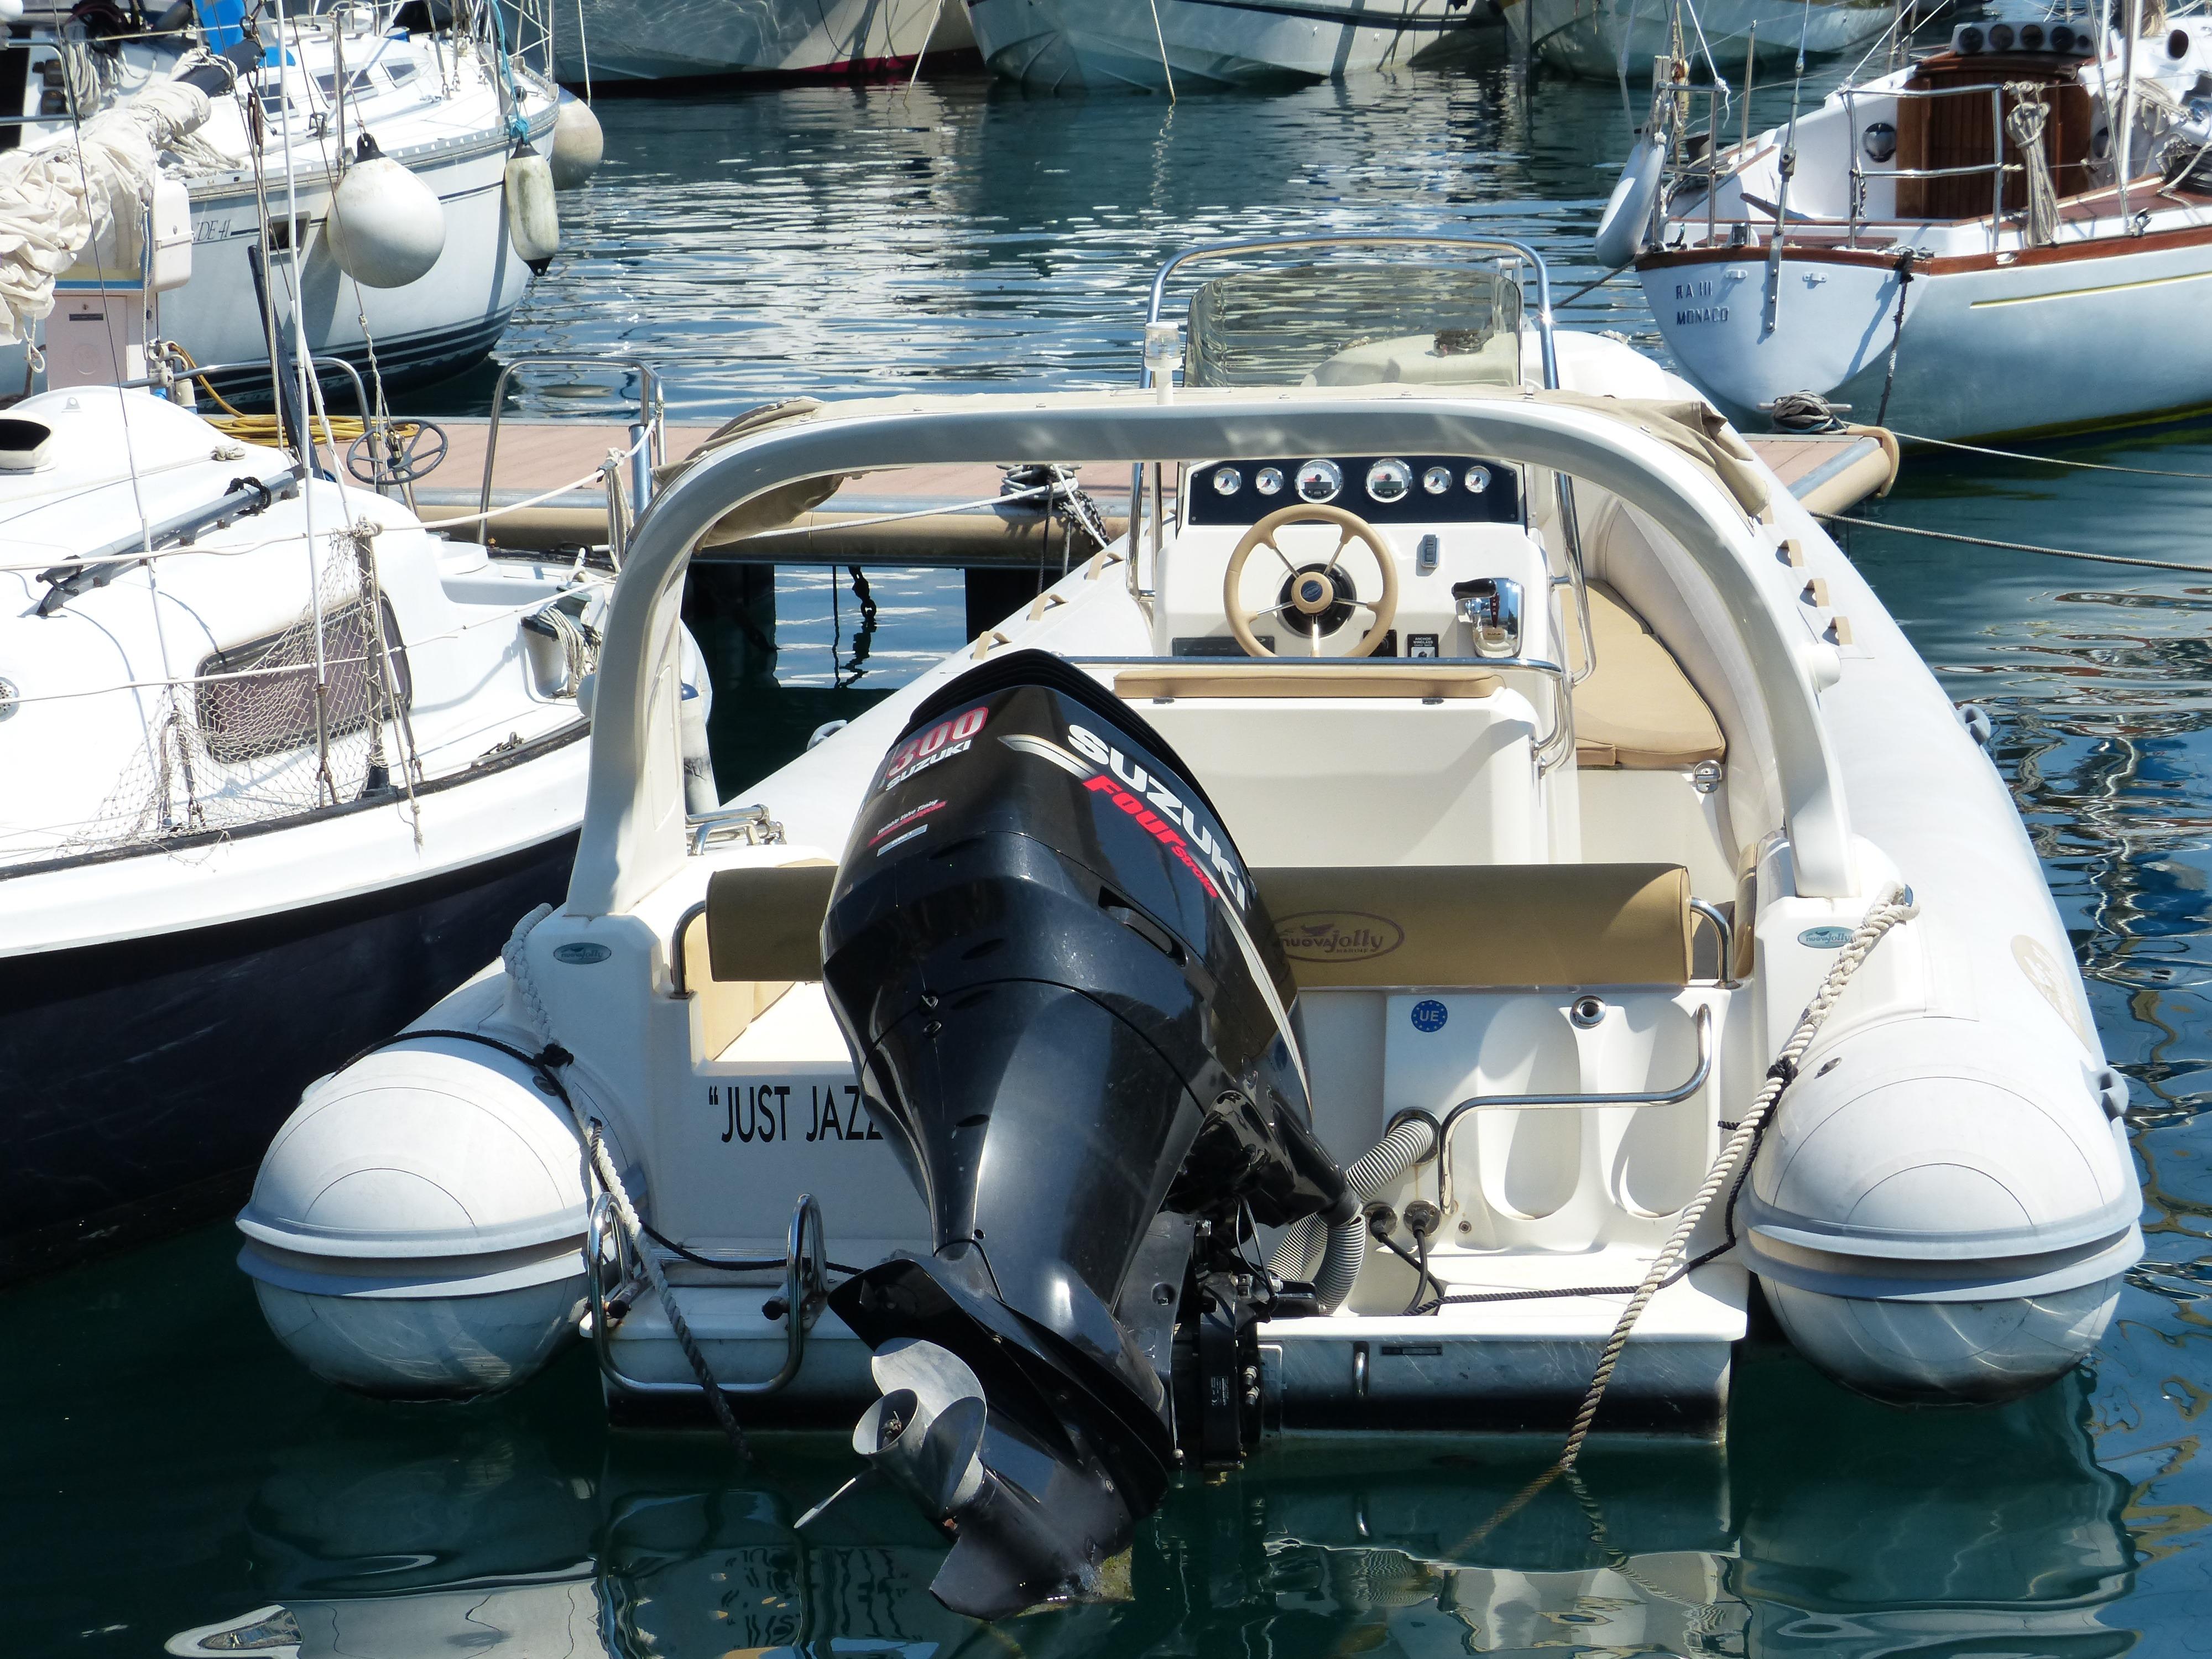 Rask Gratis billeder : støvle, køretøj, Havn, motorbåd, propel JS-73